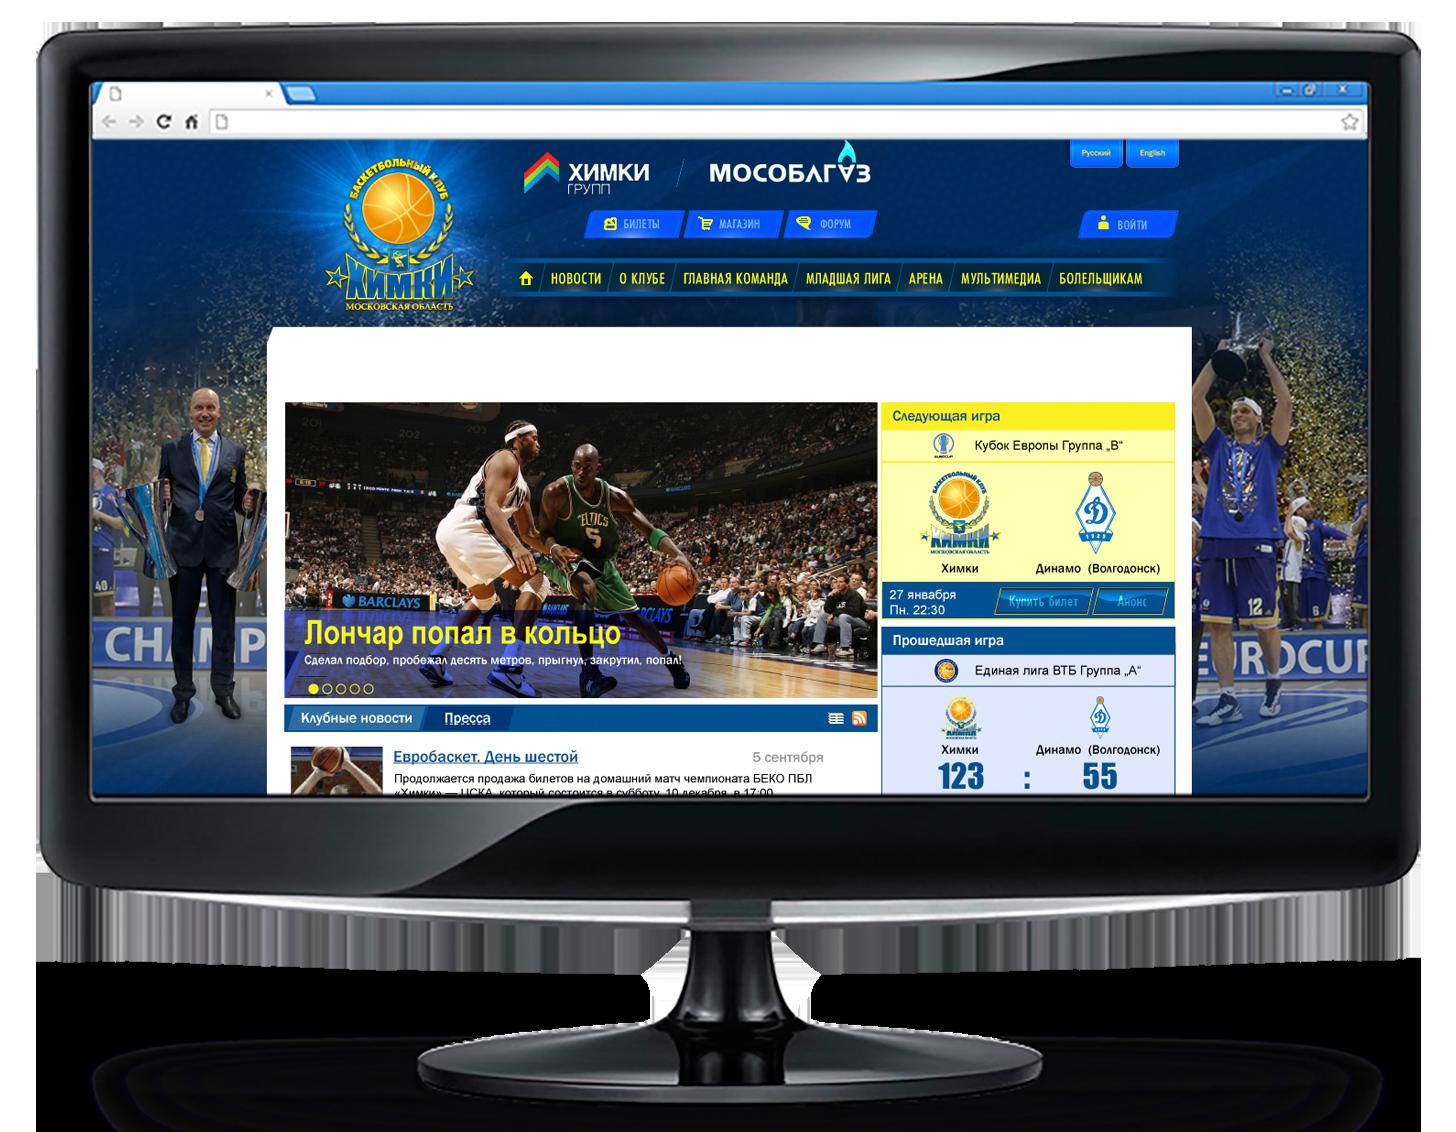 Фоновая картинка для спортивного сайта